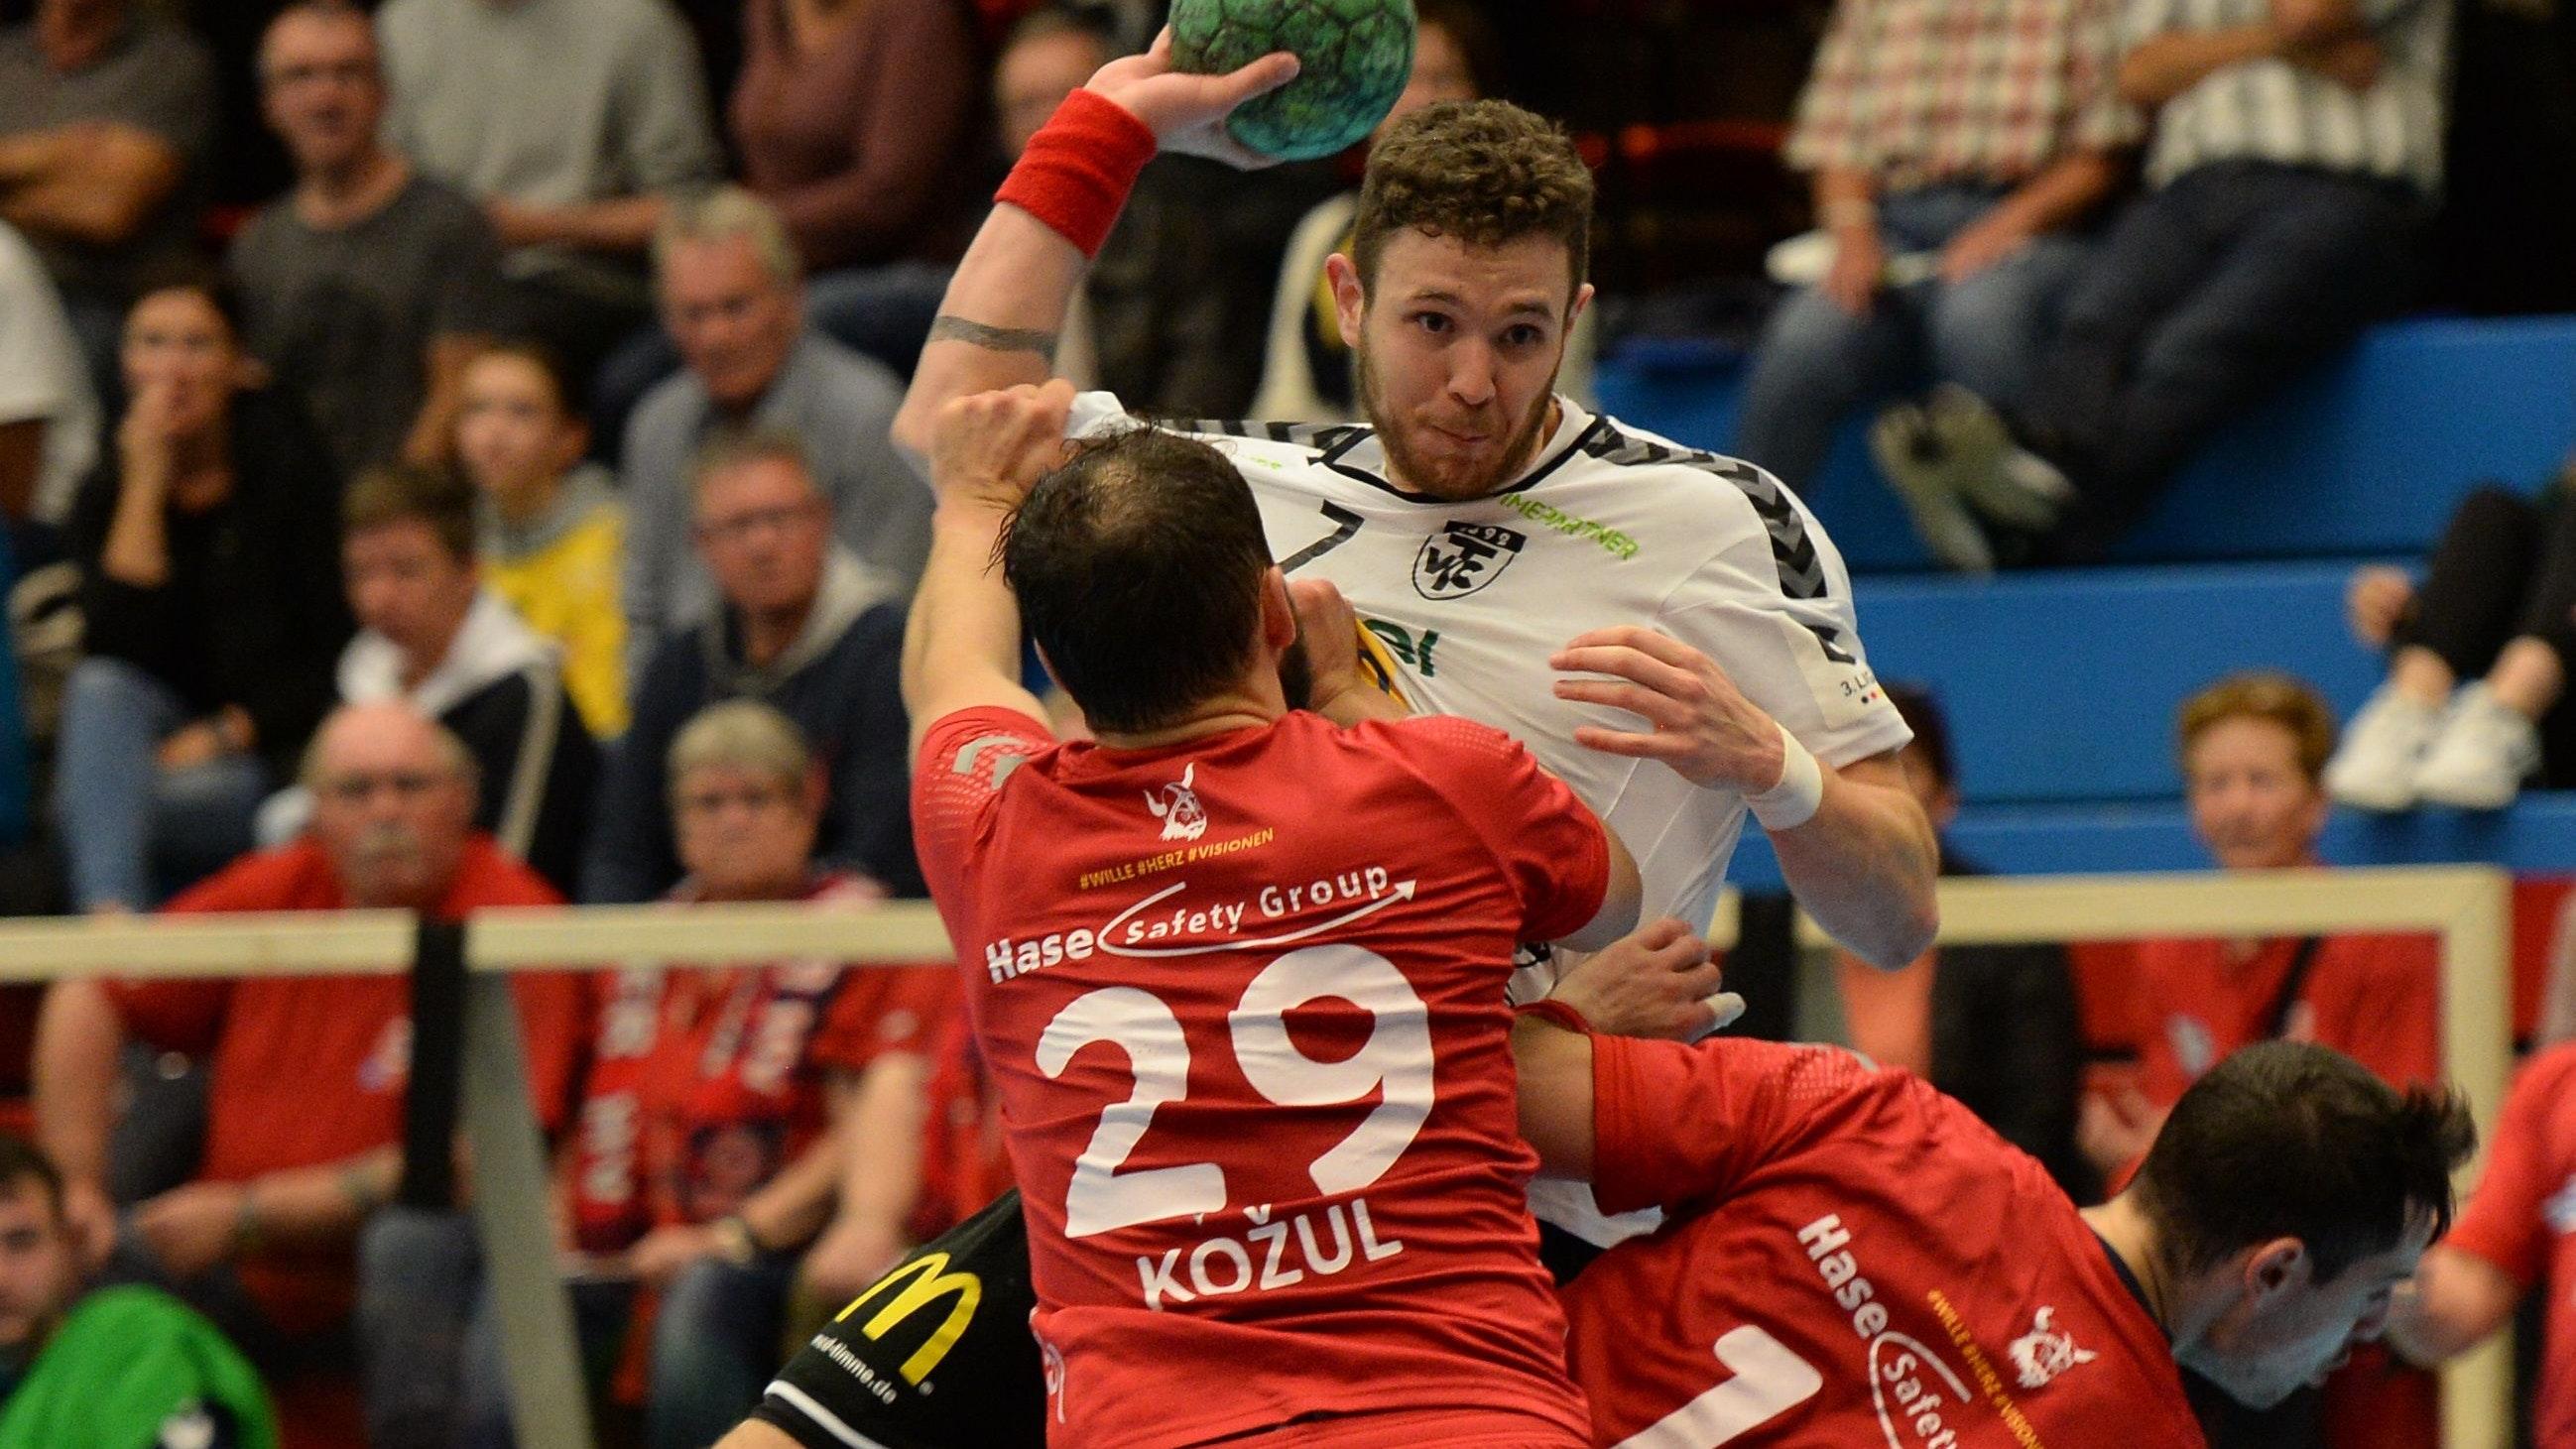 Jetzt aber: Bence Lugosi (am Ball, im Spiel beim Wilhelmshavener HV) möchte mit dem TVC endlich punkten. Eine Erkältung unter der Woche hat der Cloppenburger auskuriert. Foto: Langosch